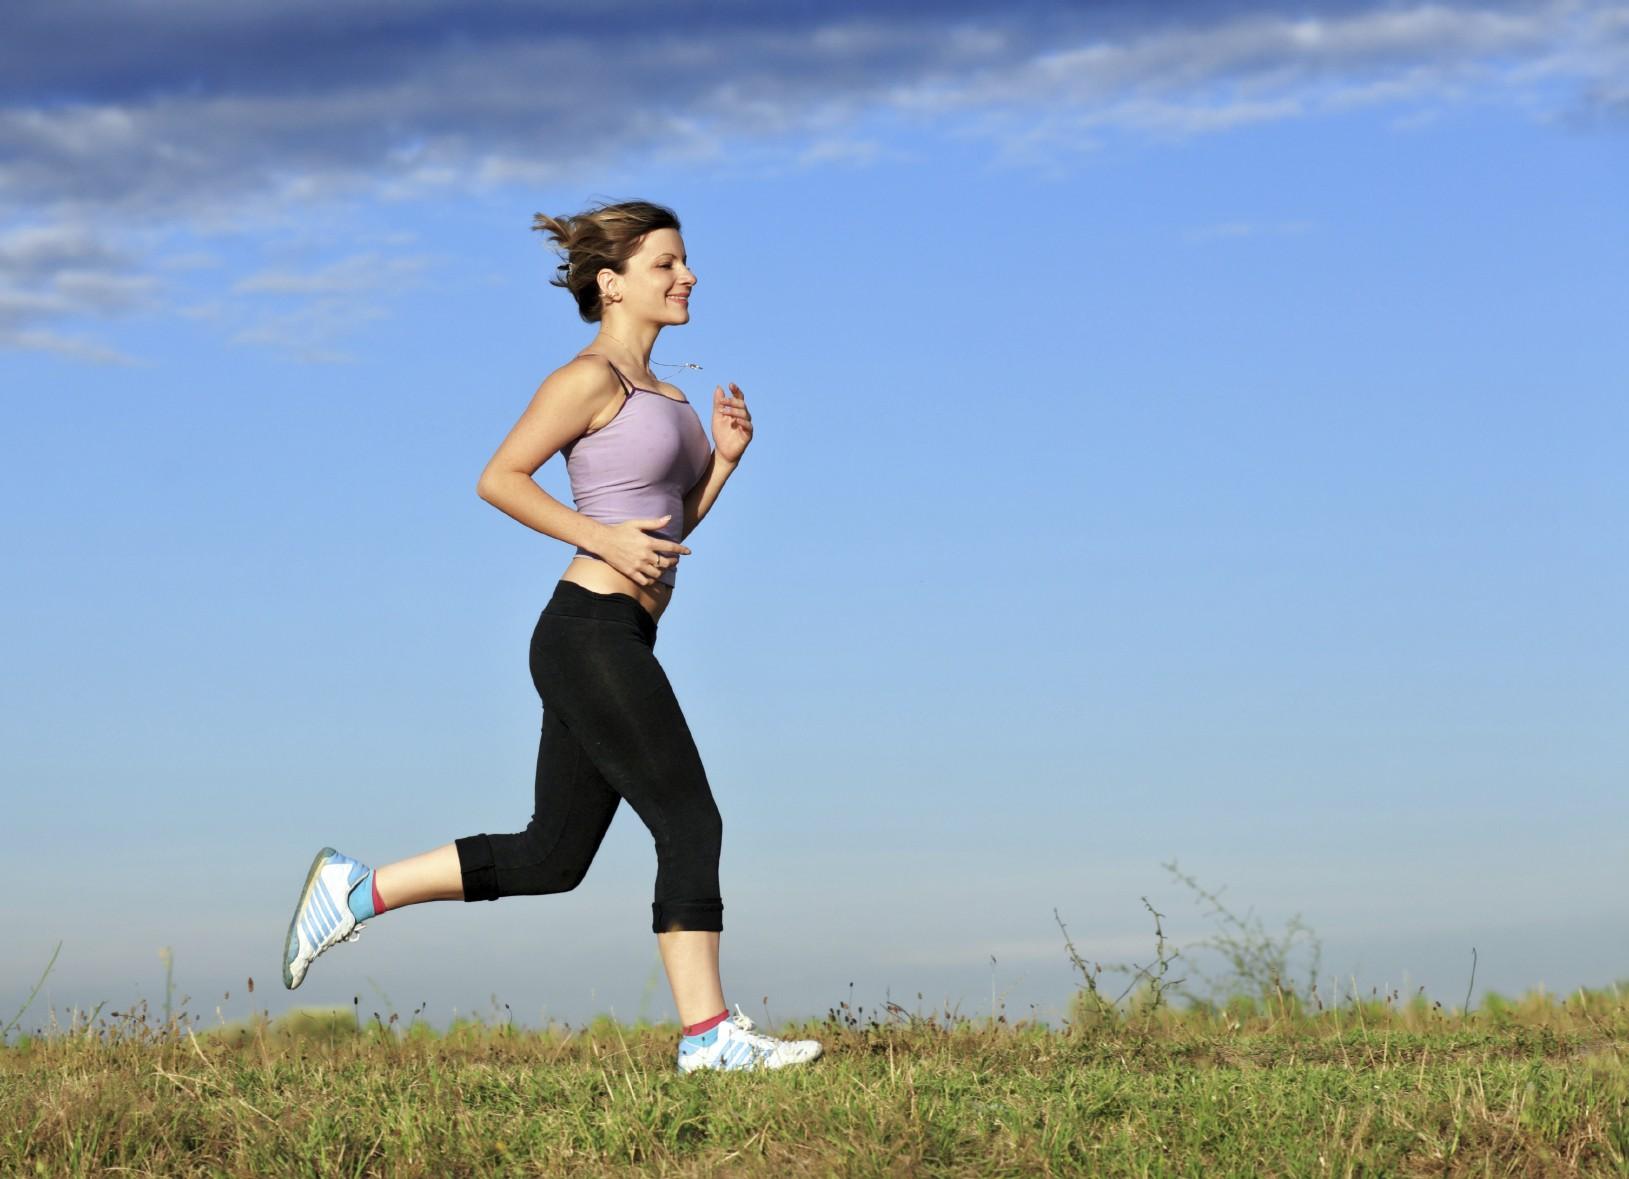 milyen sport megengedett magas vérnyomás esetén a magas vérnyomás erről a betegségről szól